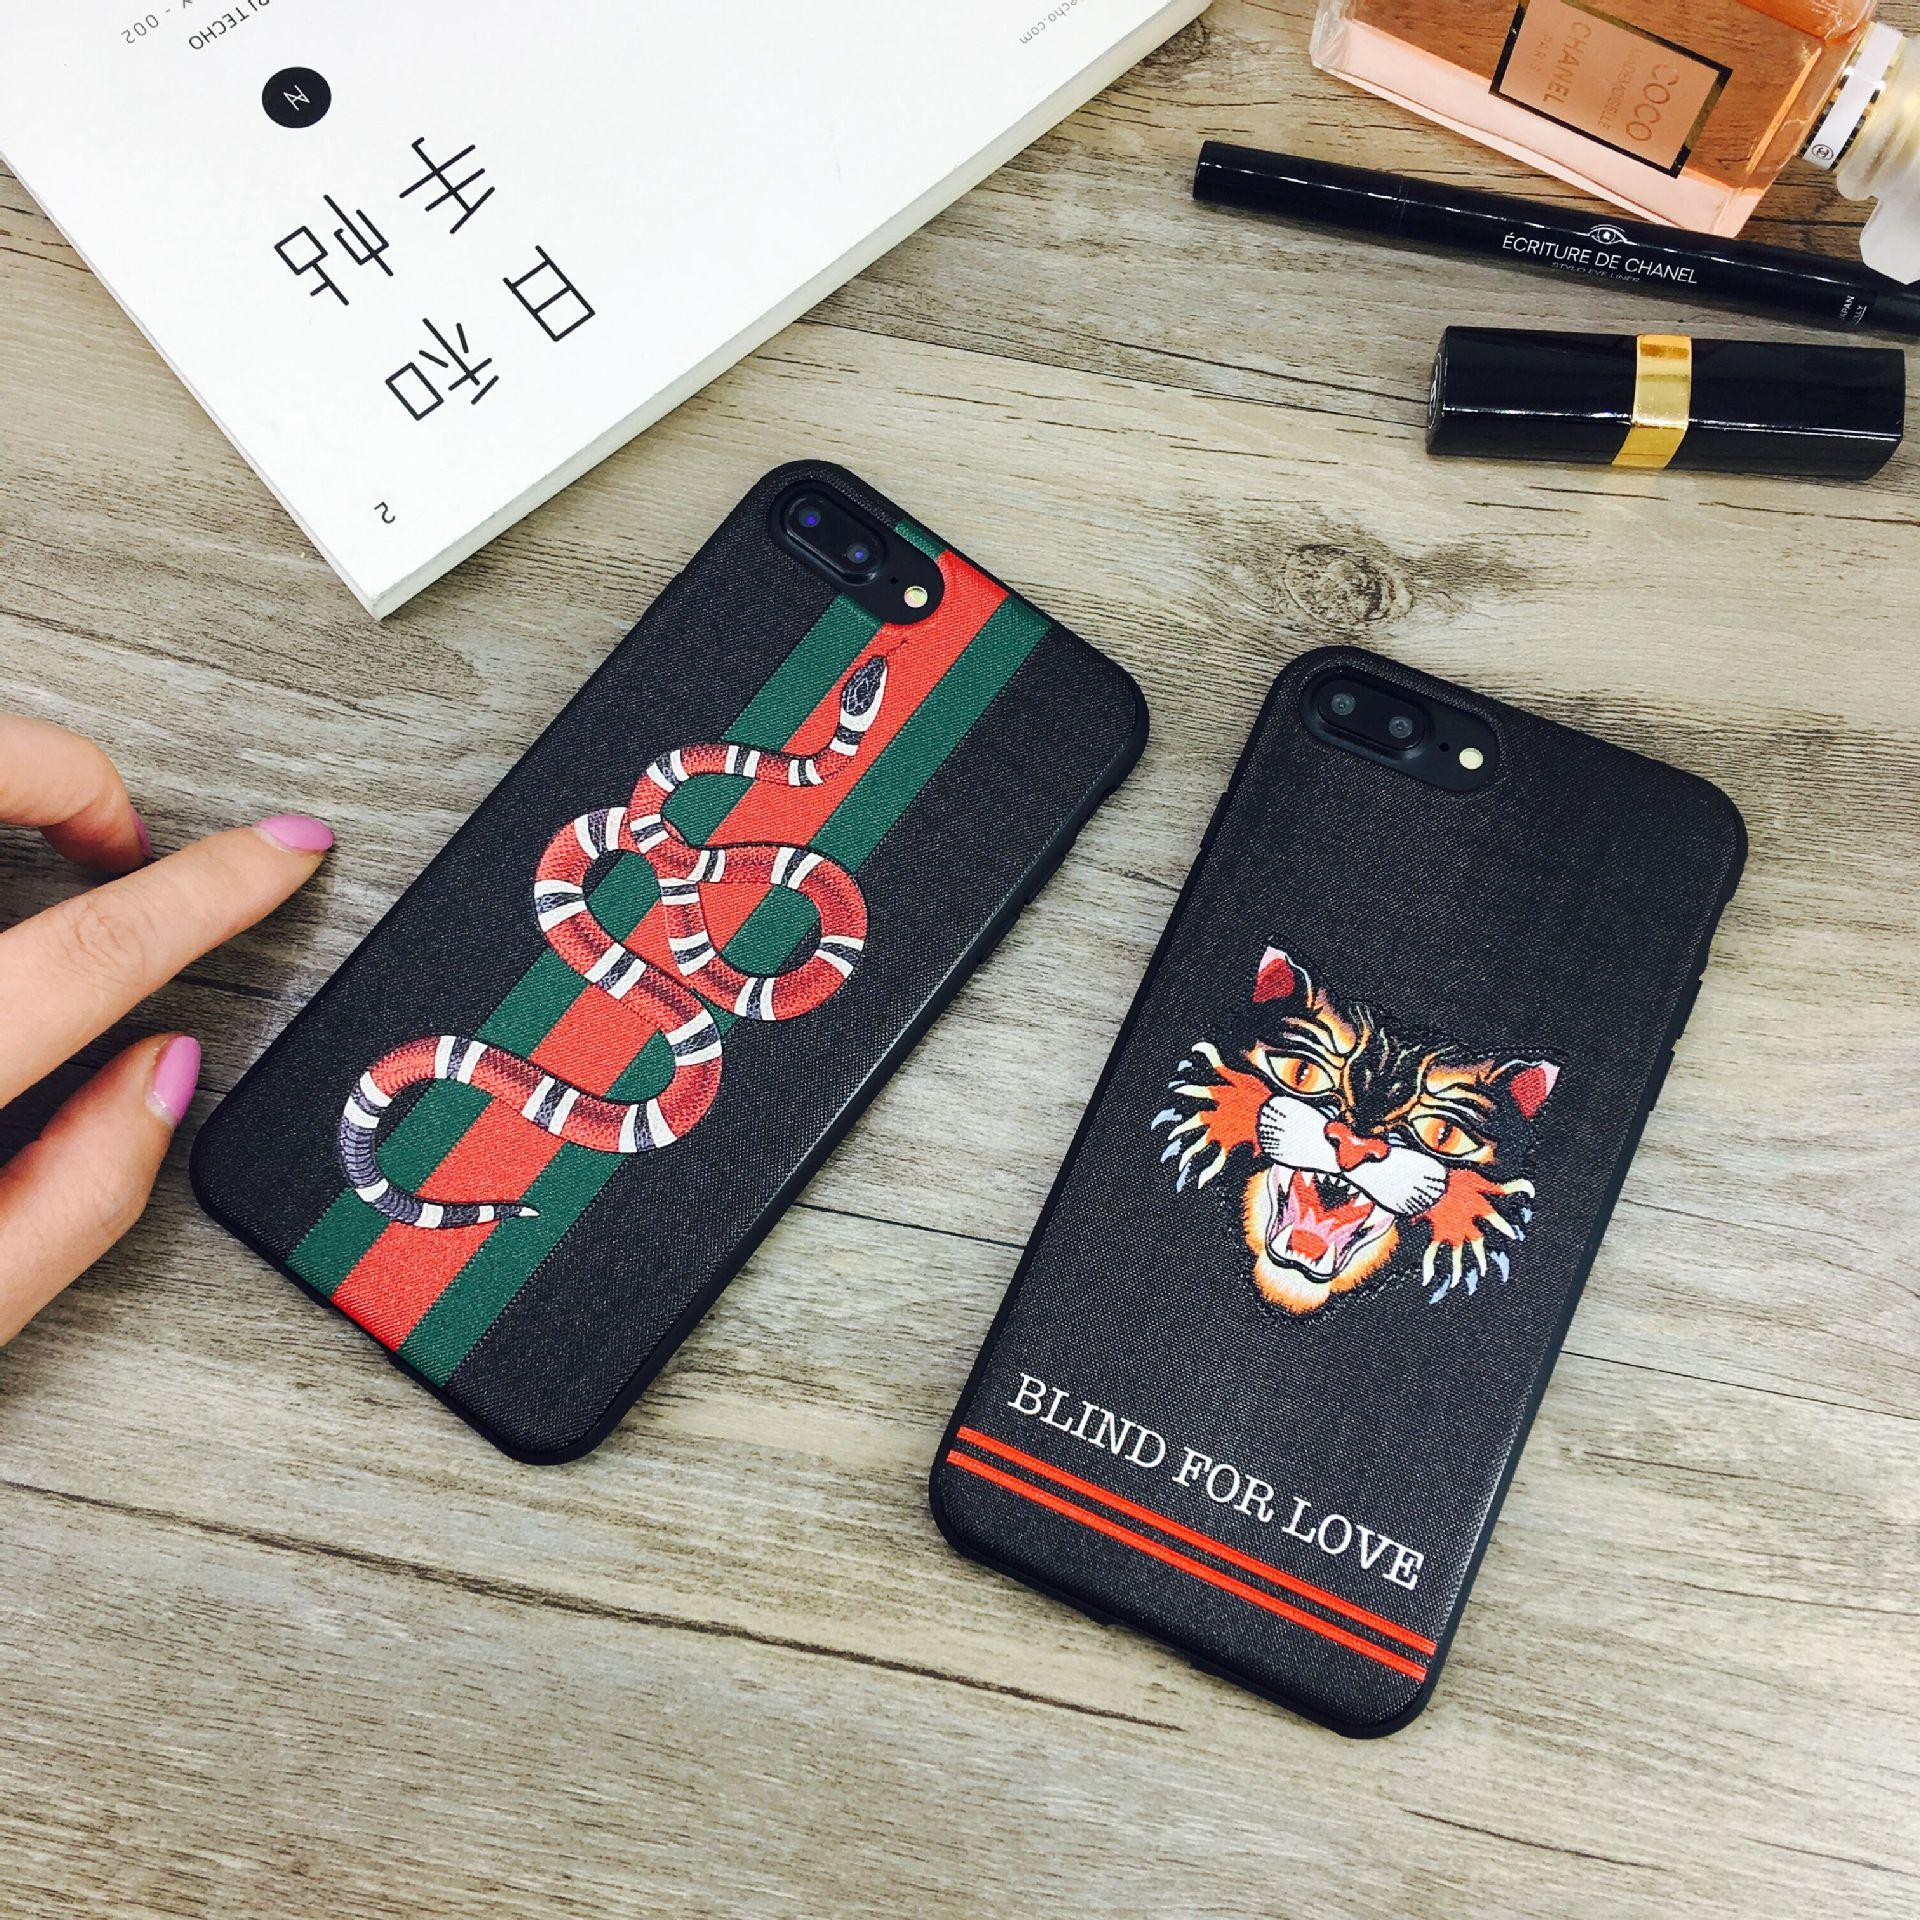 Горячий дизайнерский чехол для телефона для IPhone X 6 / 6S 6plus / 6S Plus 7/8 7plus / 8plus Роскошный чехол Задняя крышка Бренд Защитный чехол для телефона